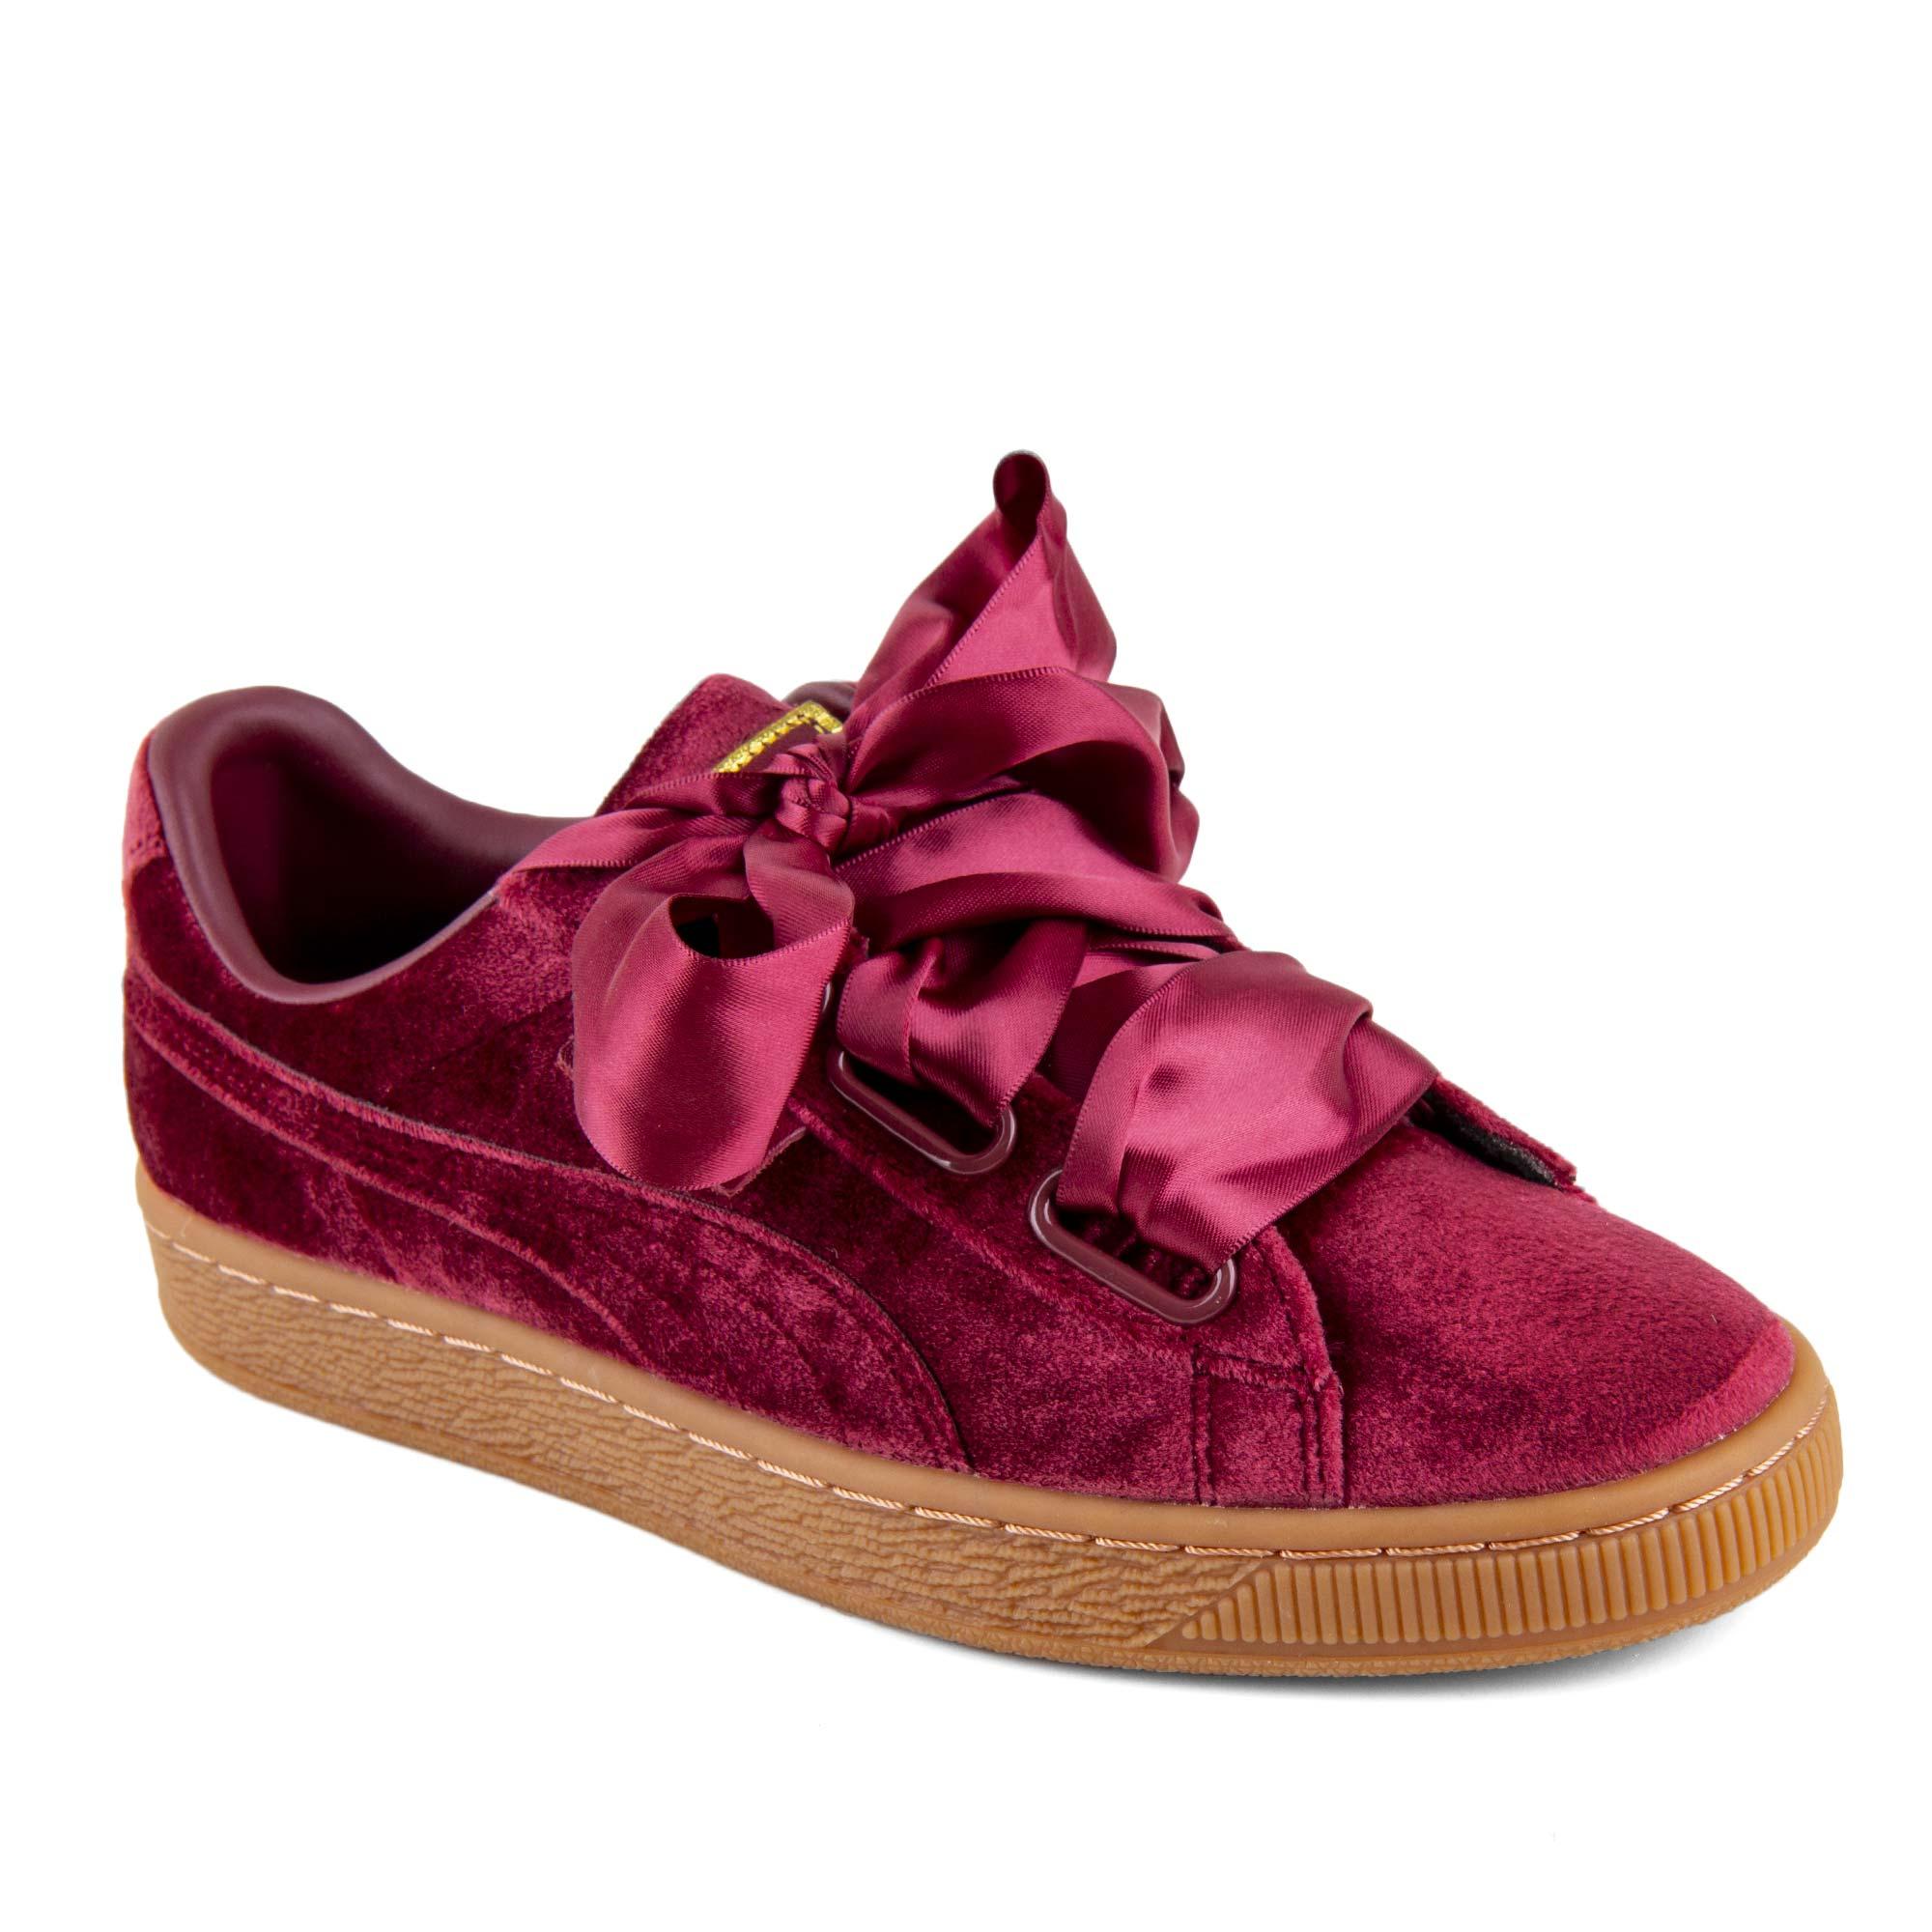 nouveaux styles fd917 81072 Baskets bordeaux Heart Velvet femme PUMA